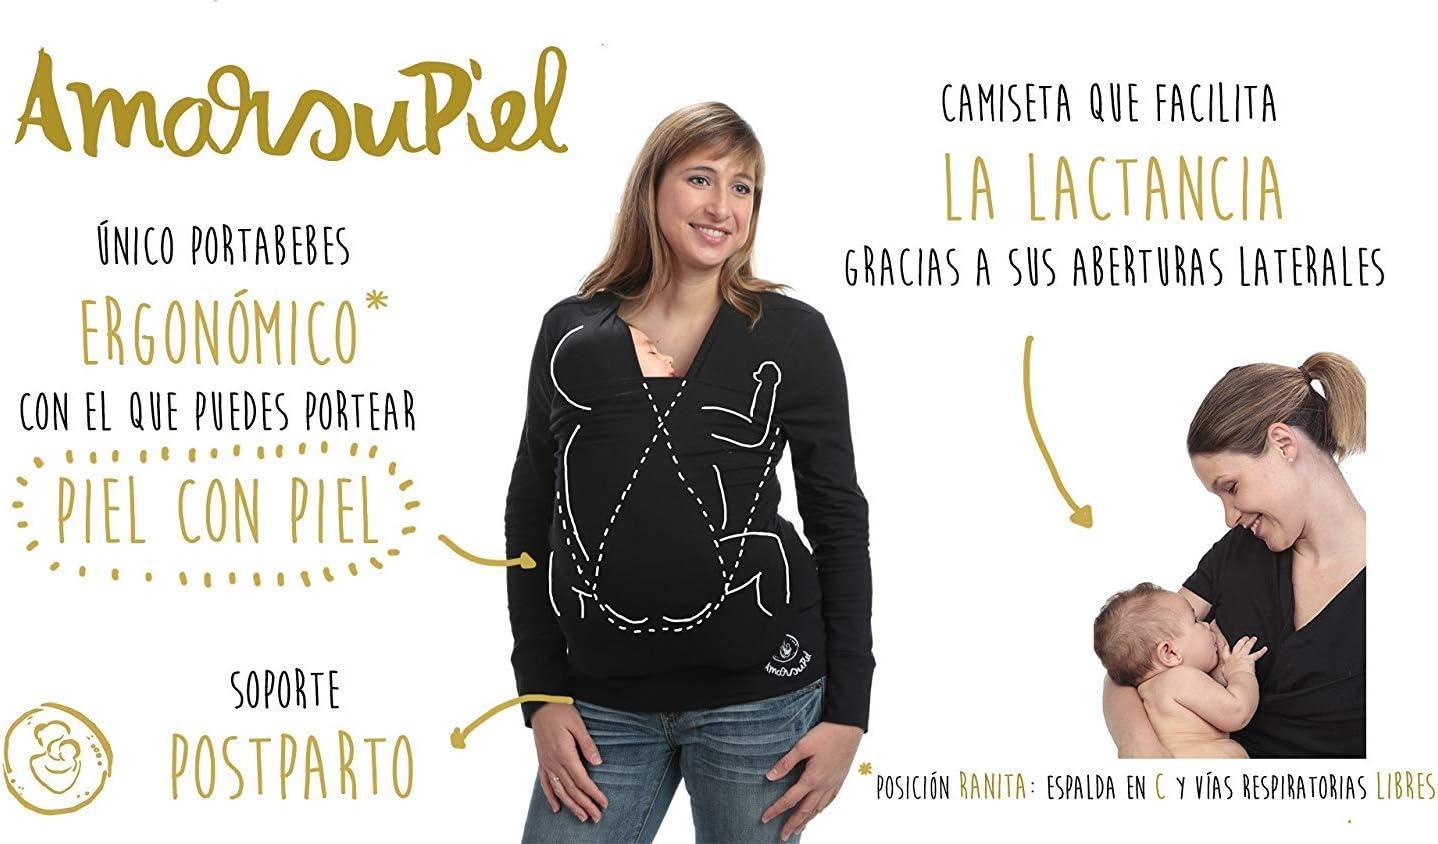 36-38 Camiseta de porteo camiseta portabeb/és Antic/ólicos beb/é invierno Amarsupiel Talla S Color negro